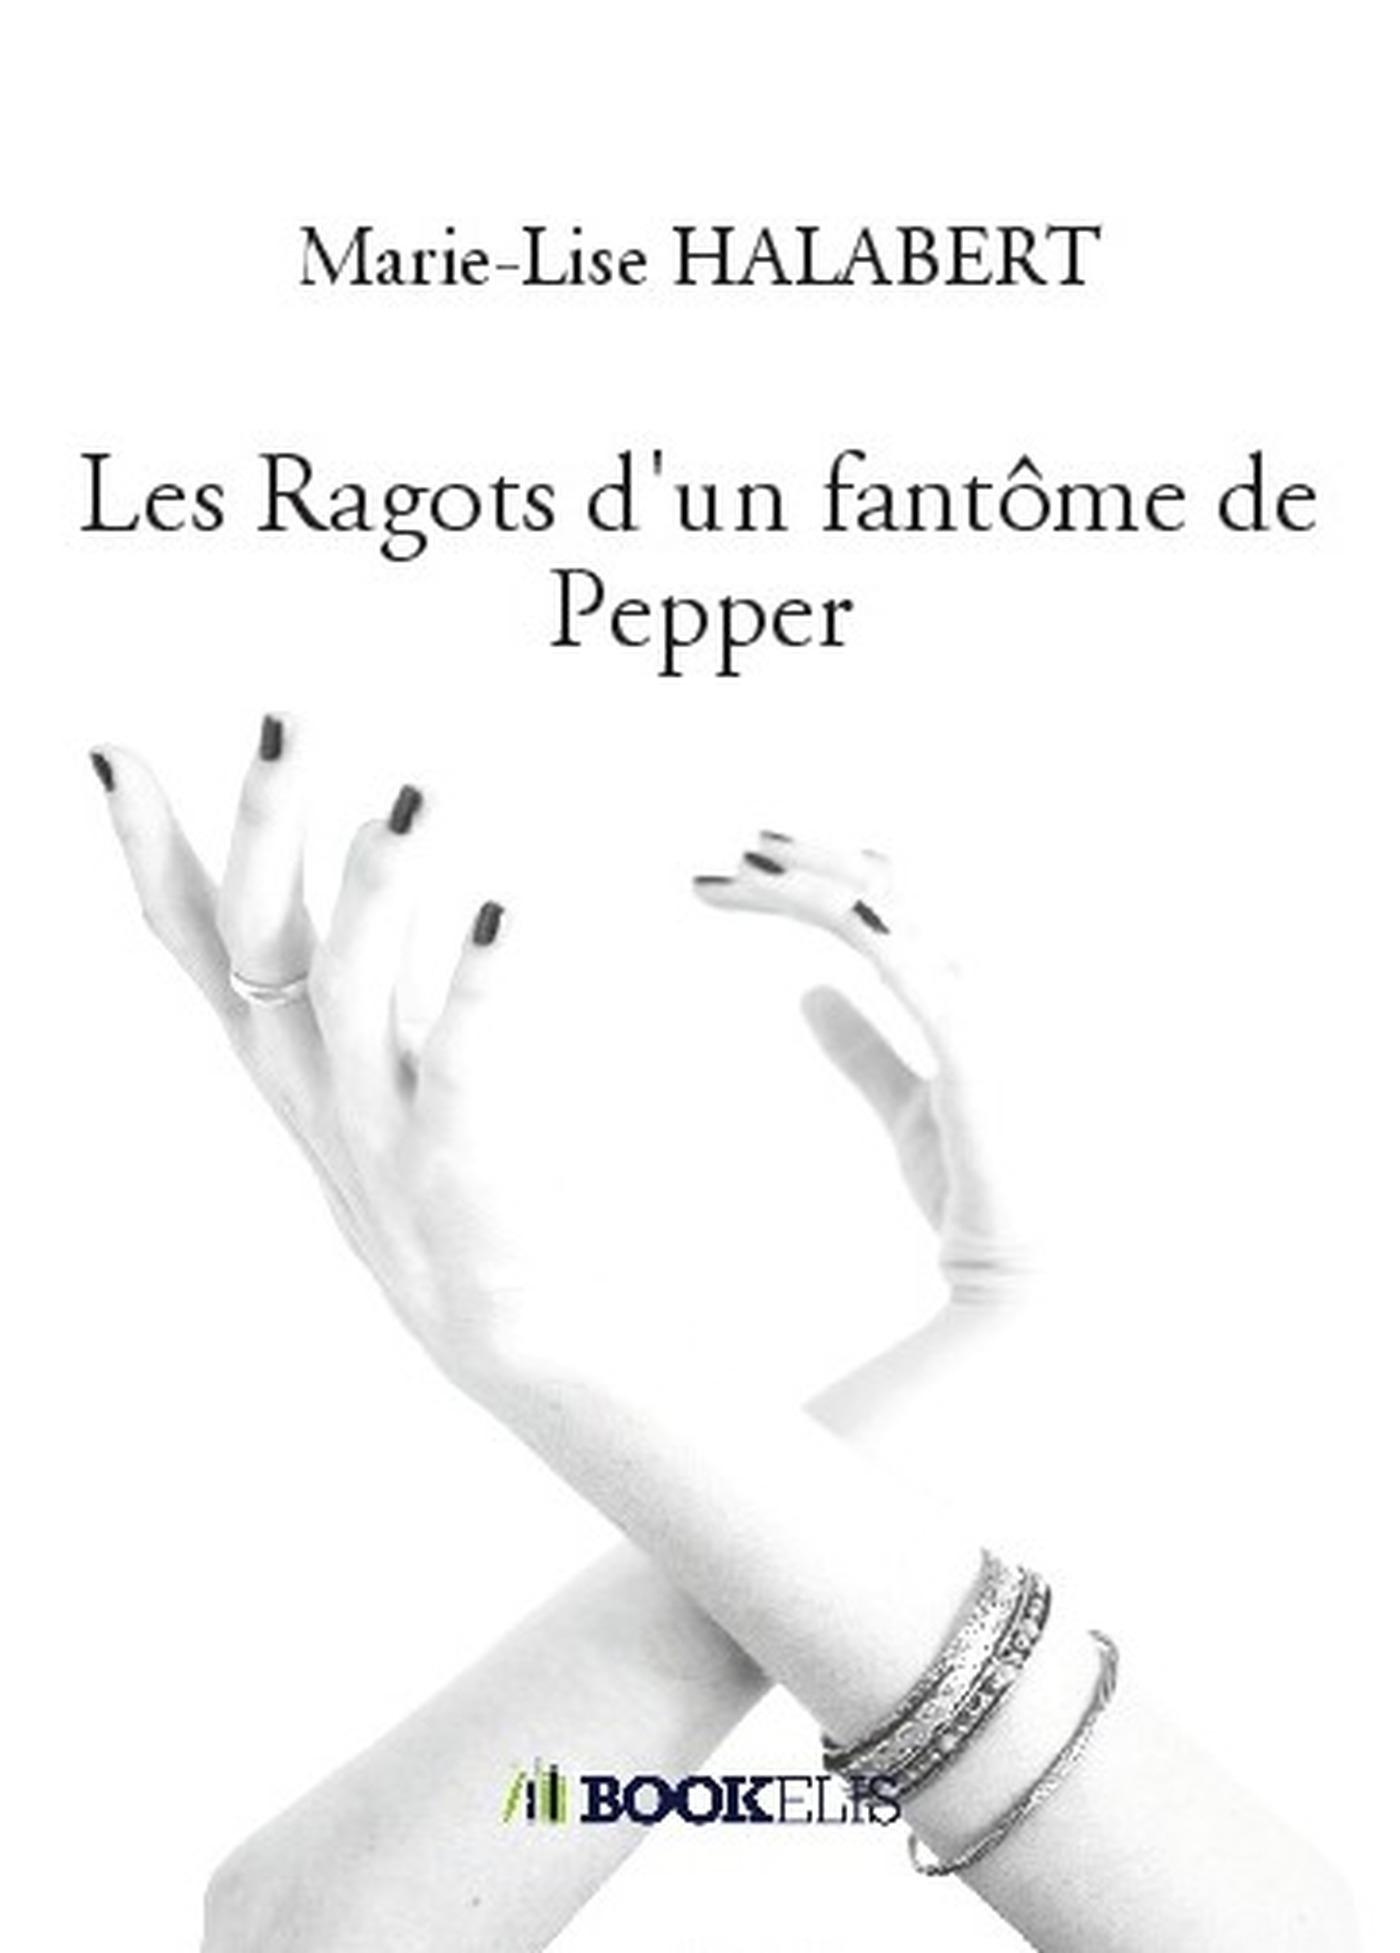 LES RAGOTS D'UN FANTOME DE PEPPER